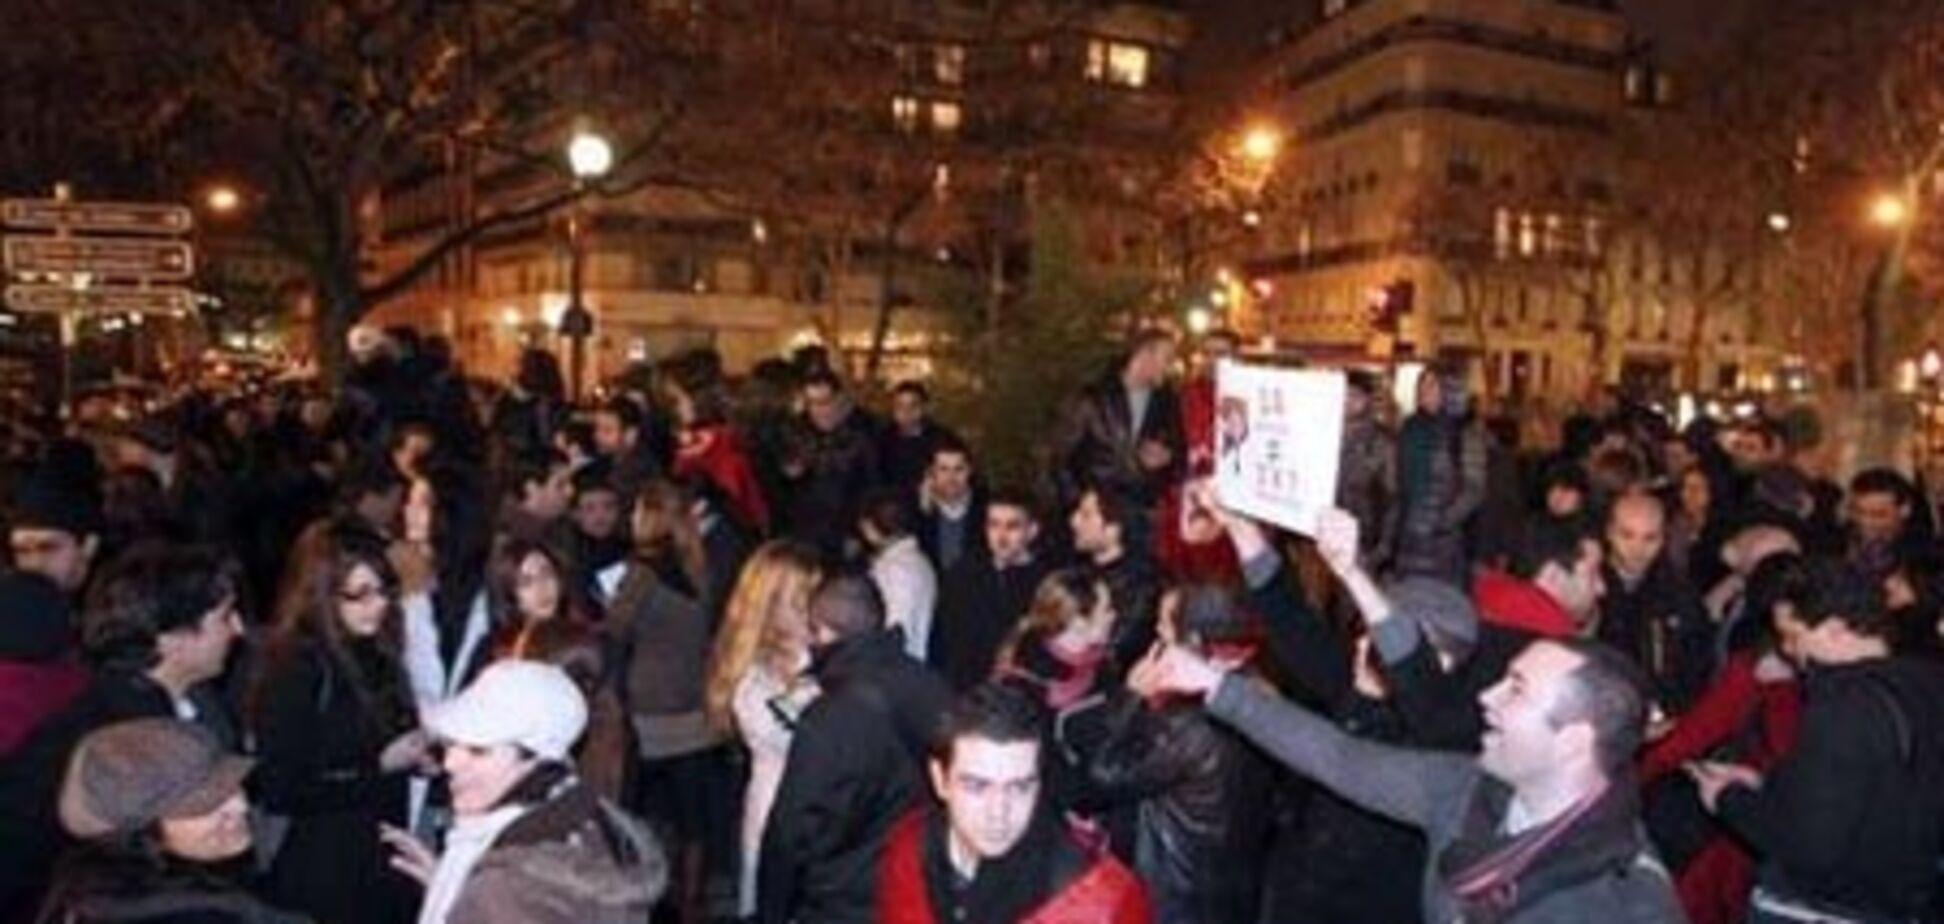 Державний переворот в Тунісі: влада перейшла до військових